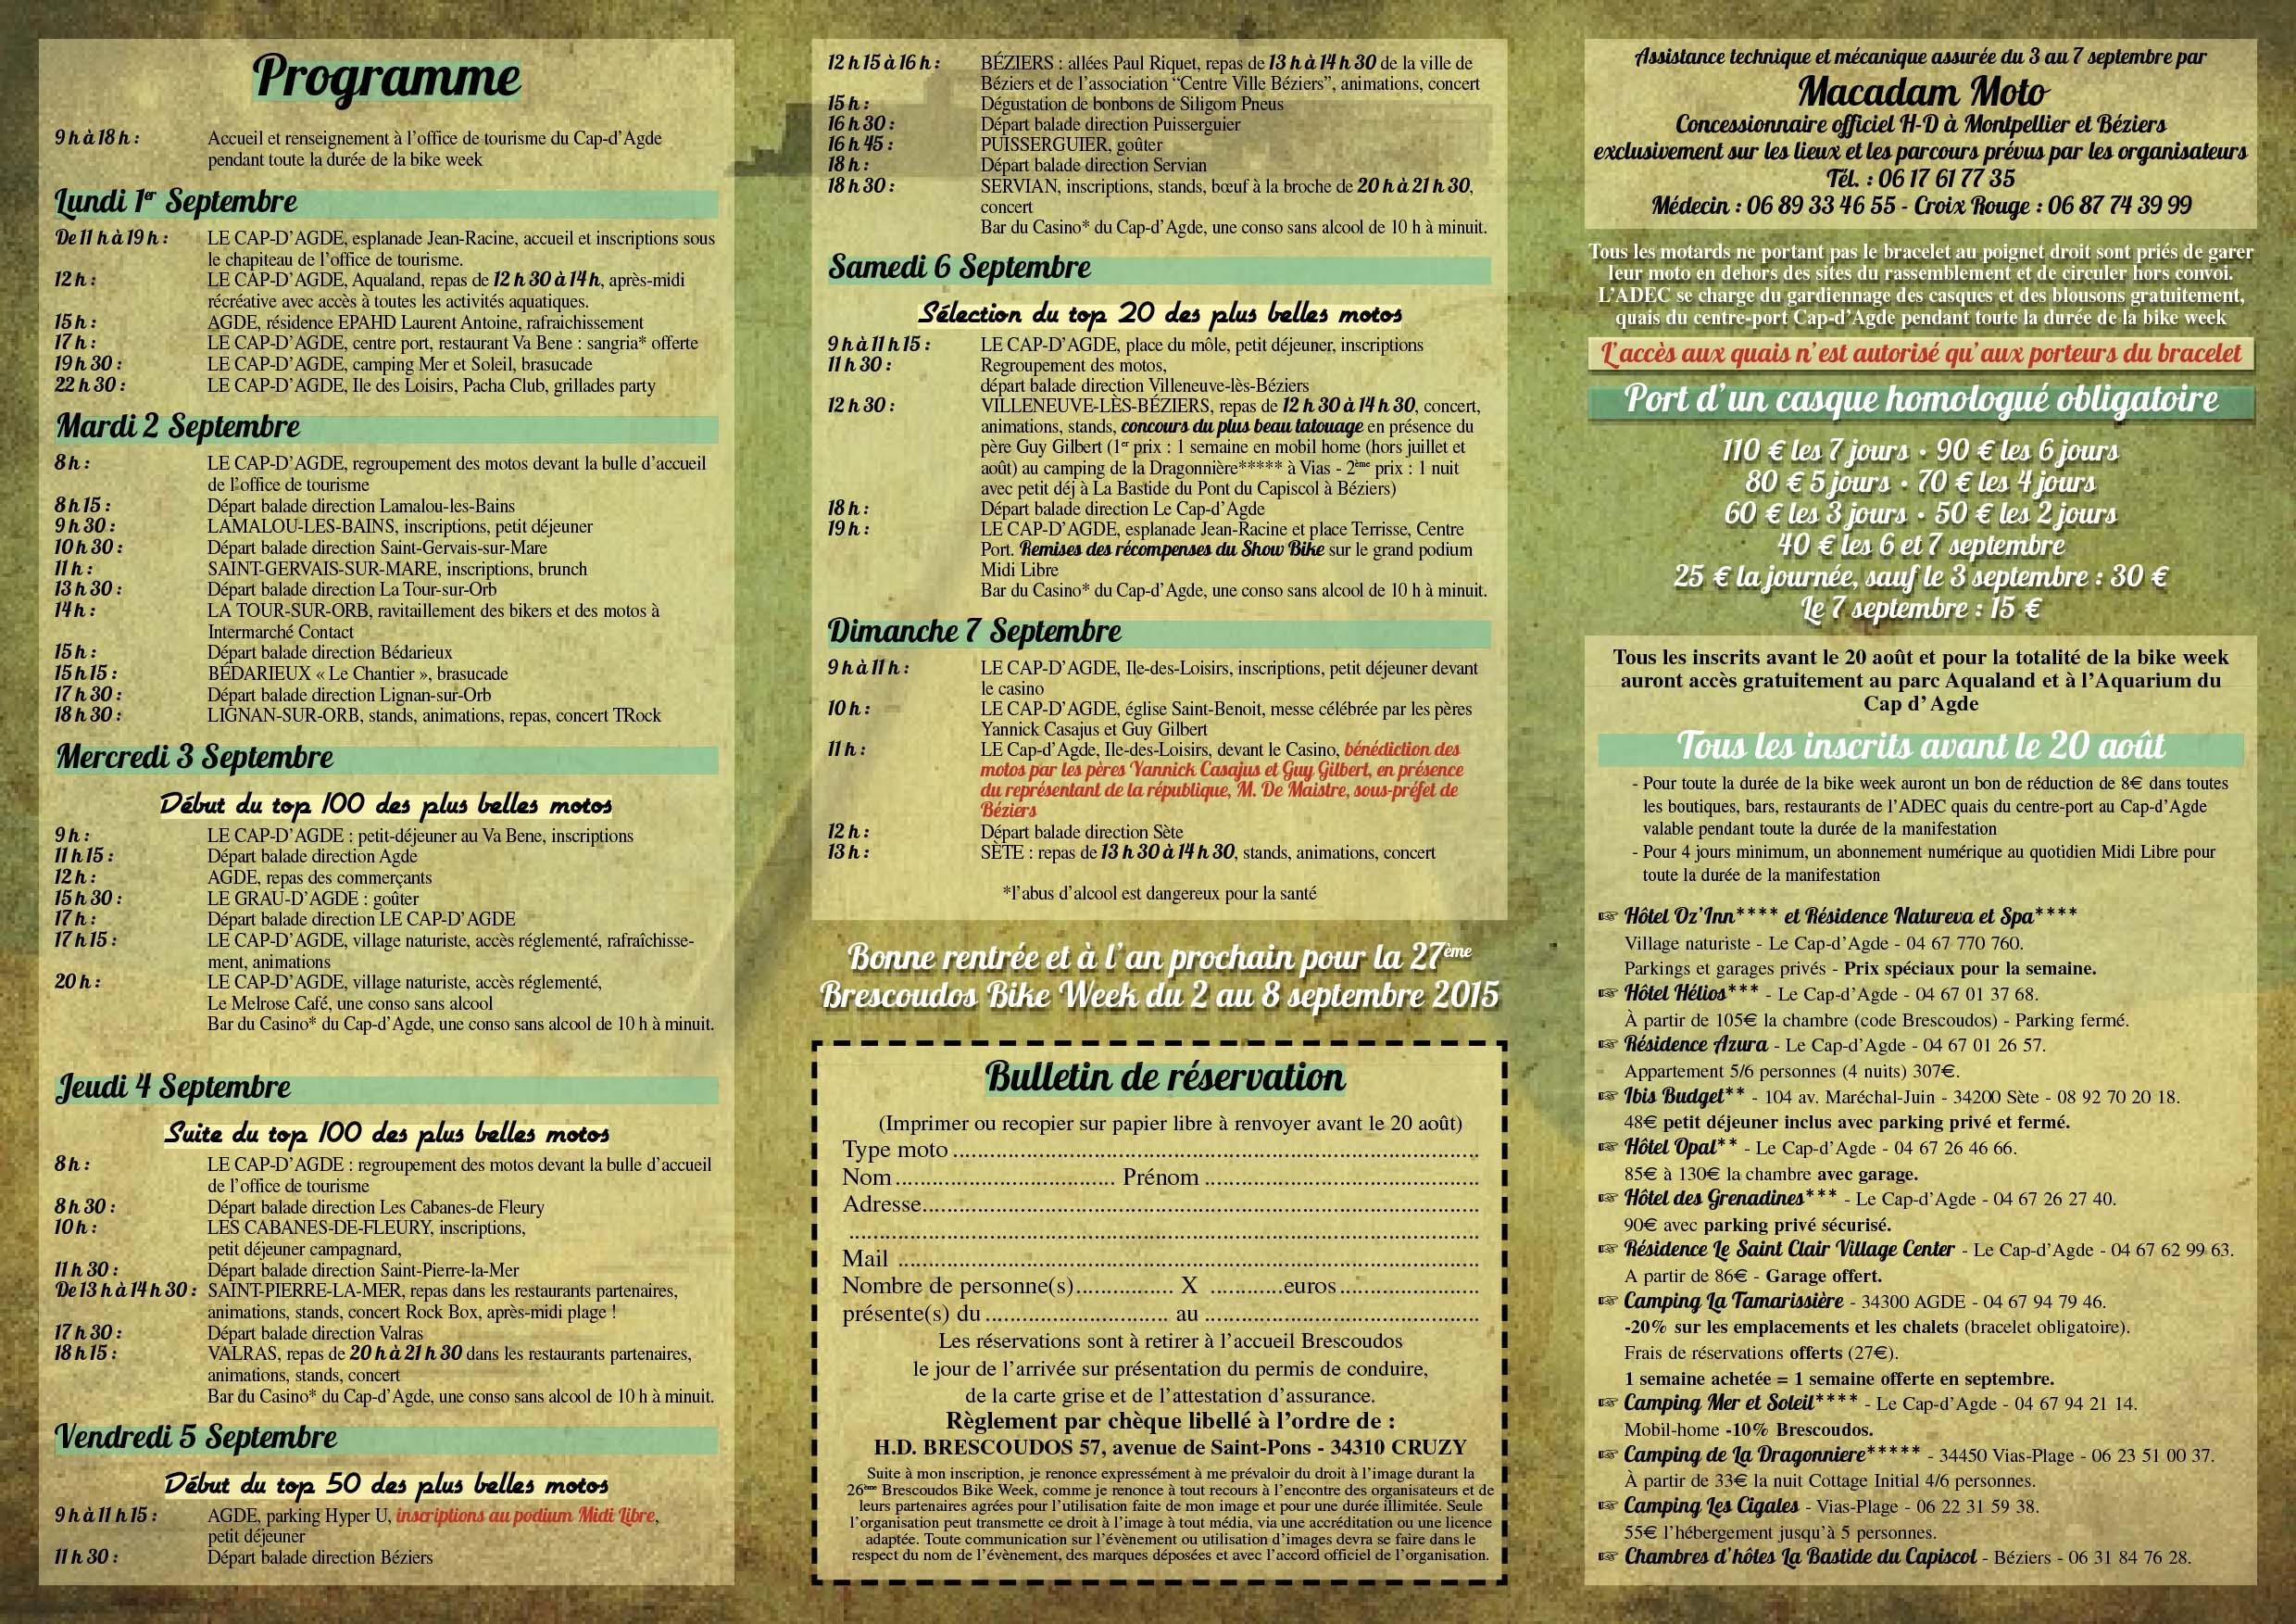 BRESCOUDOS 26eme PROGRAMME-2014-BRESCOUDOS-2